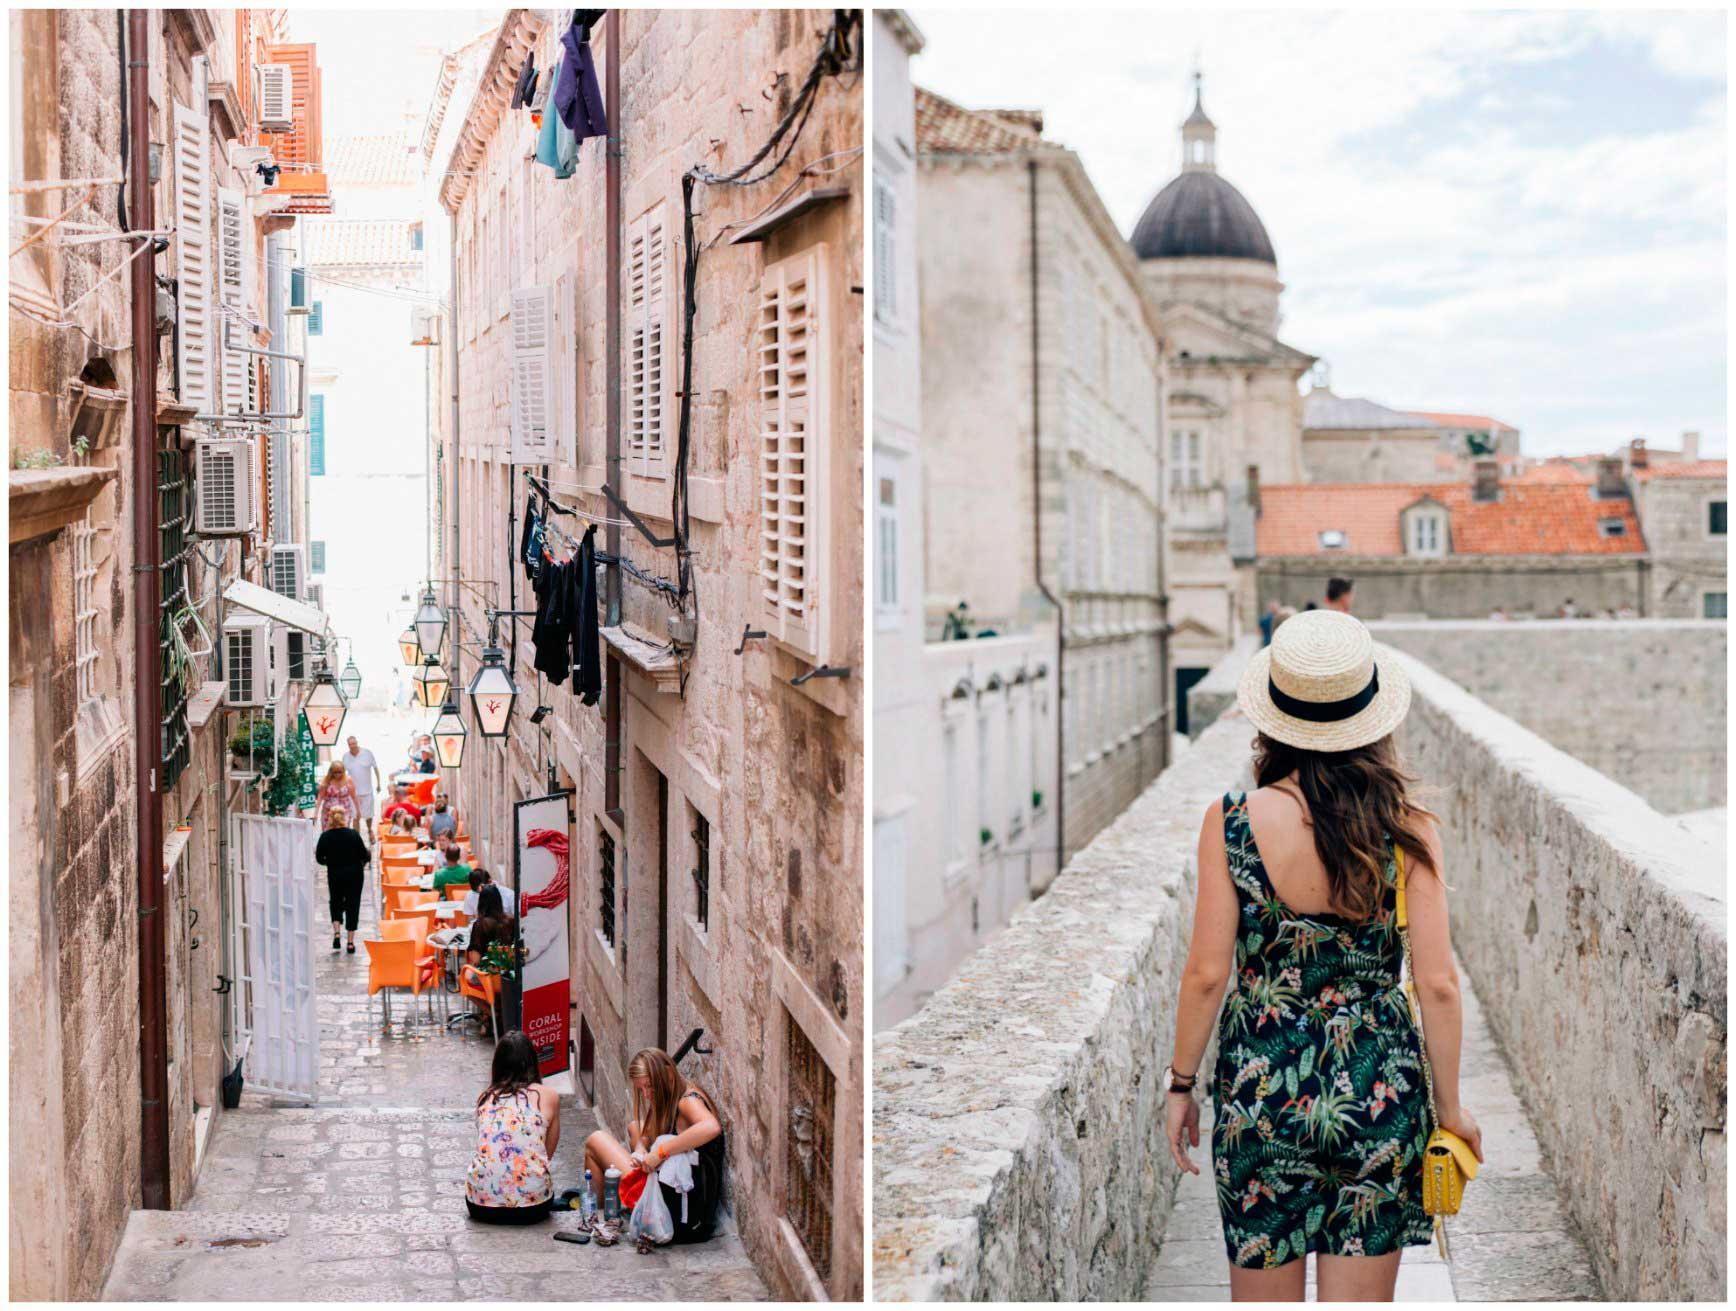 Dubrovnik-claraBmartin-04